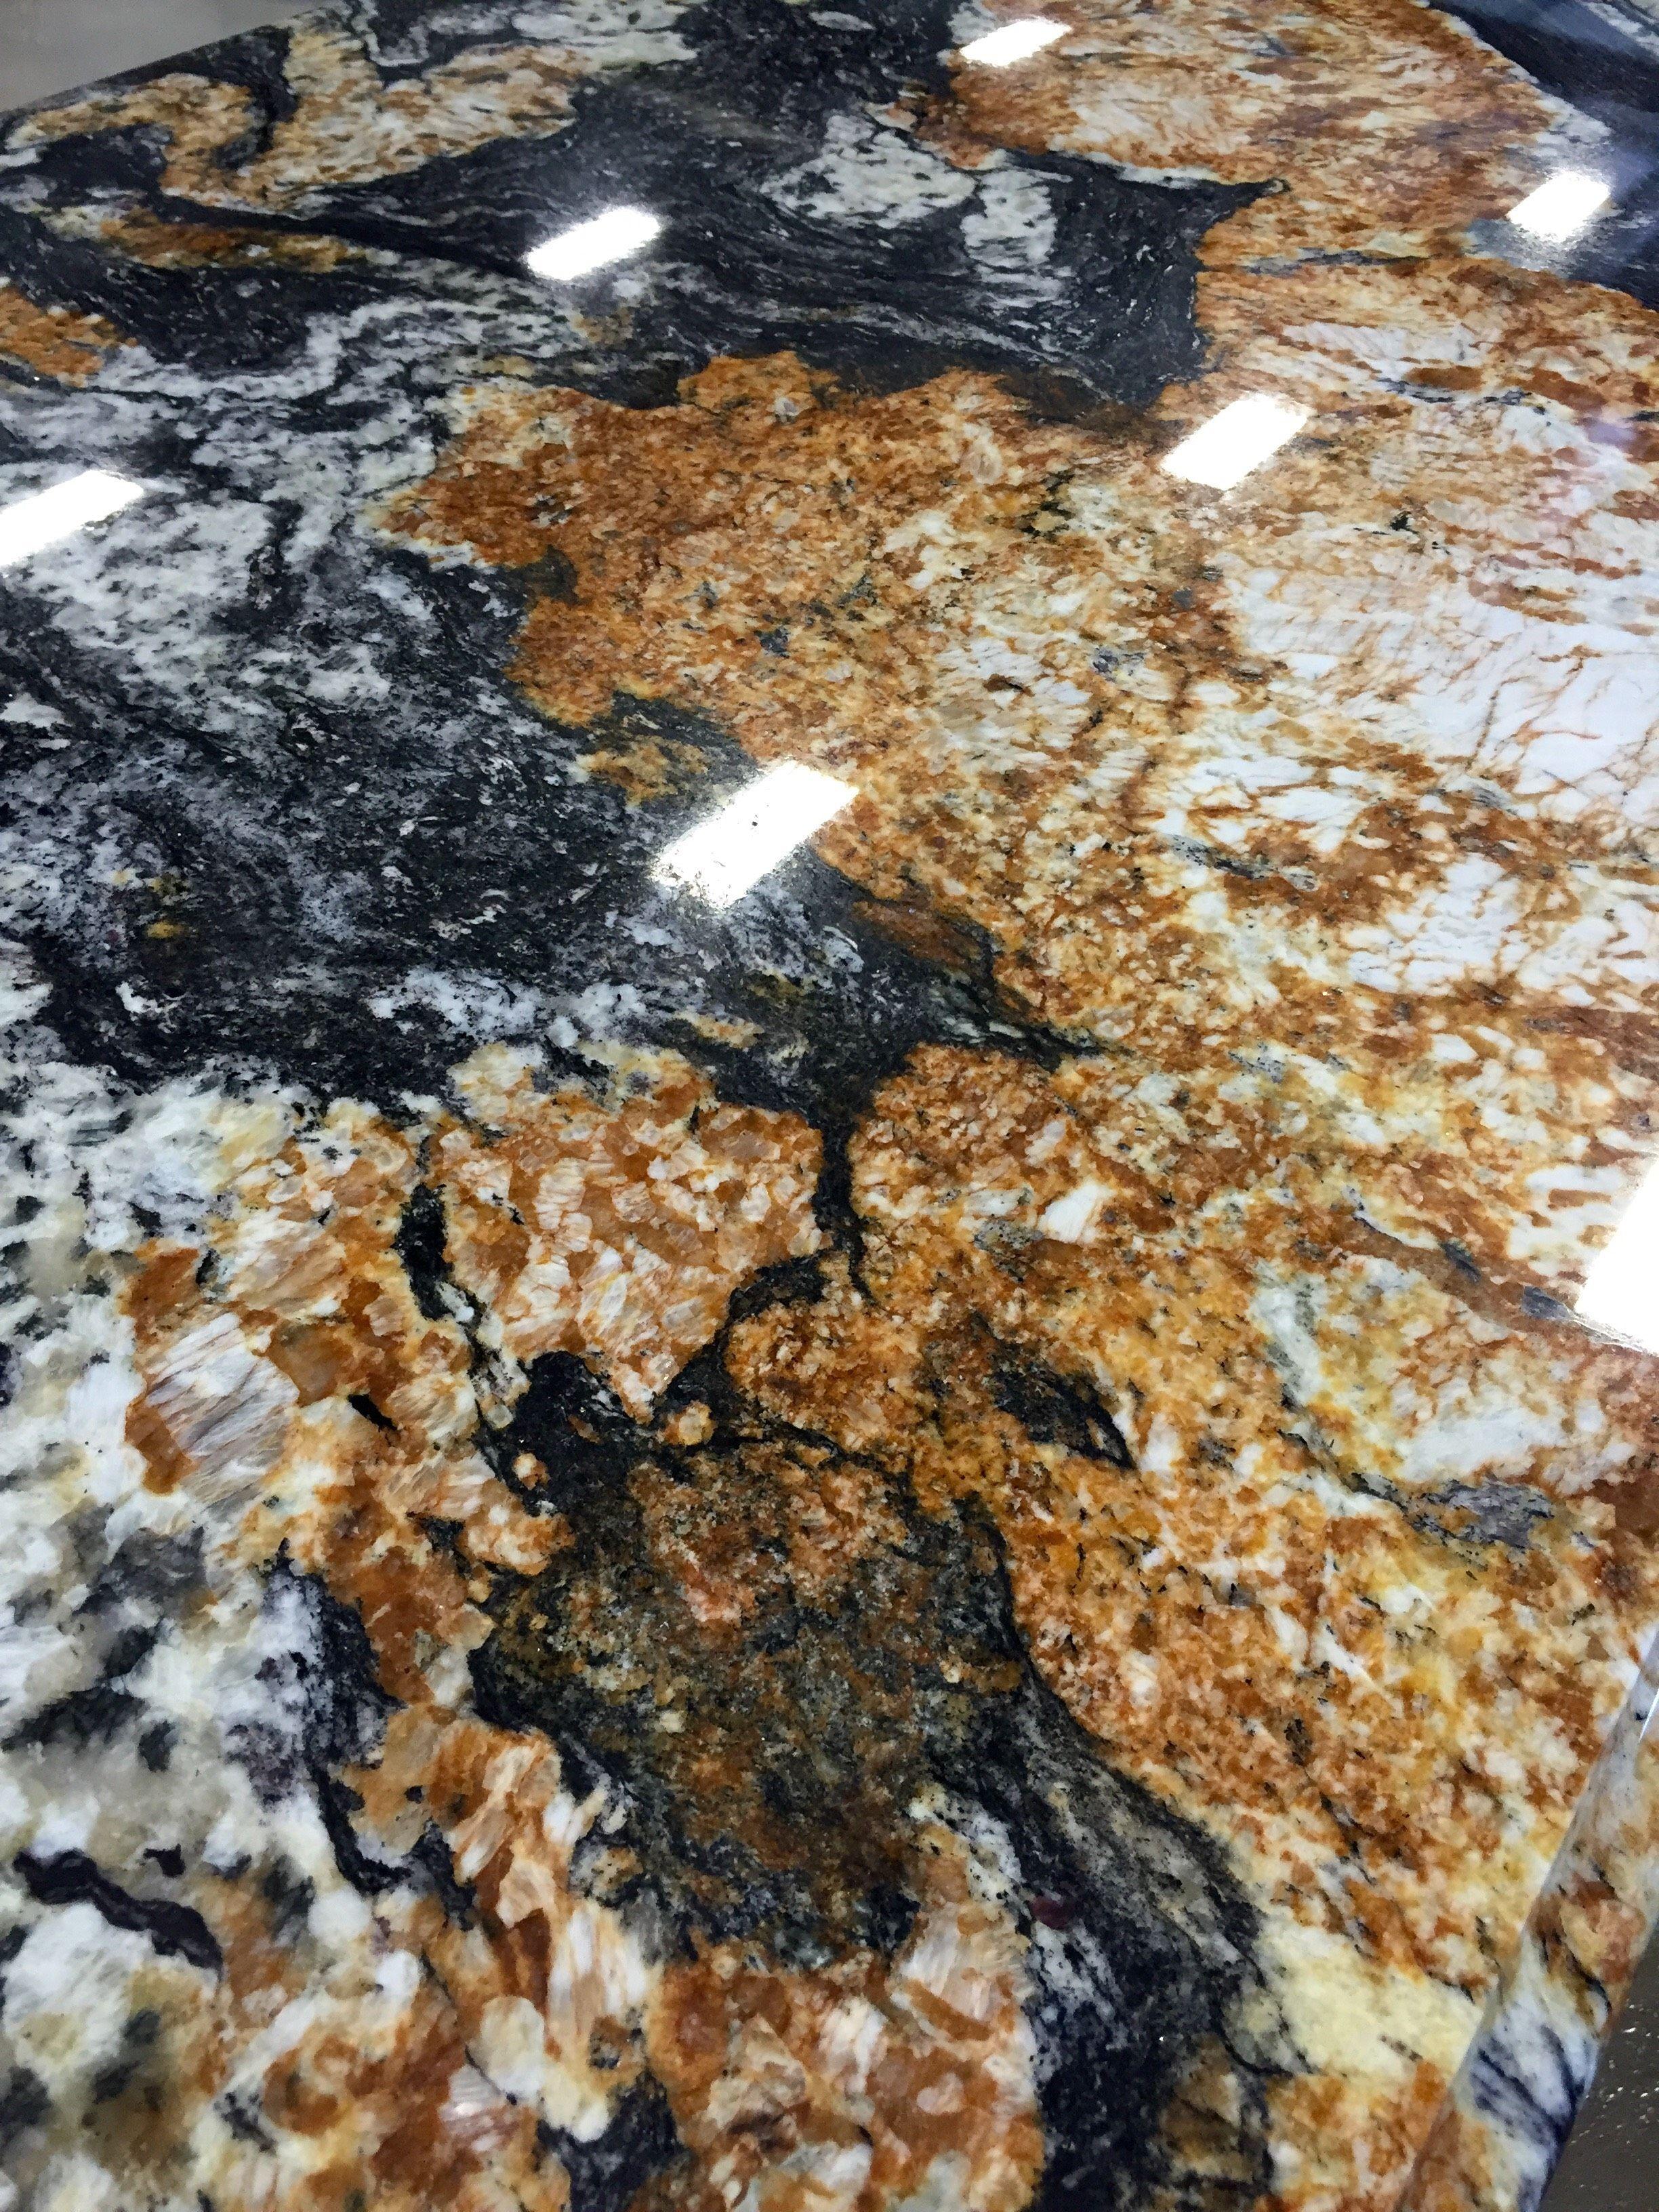 Granite Countertop Colors: Granite Sensa Orinoco